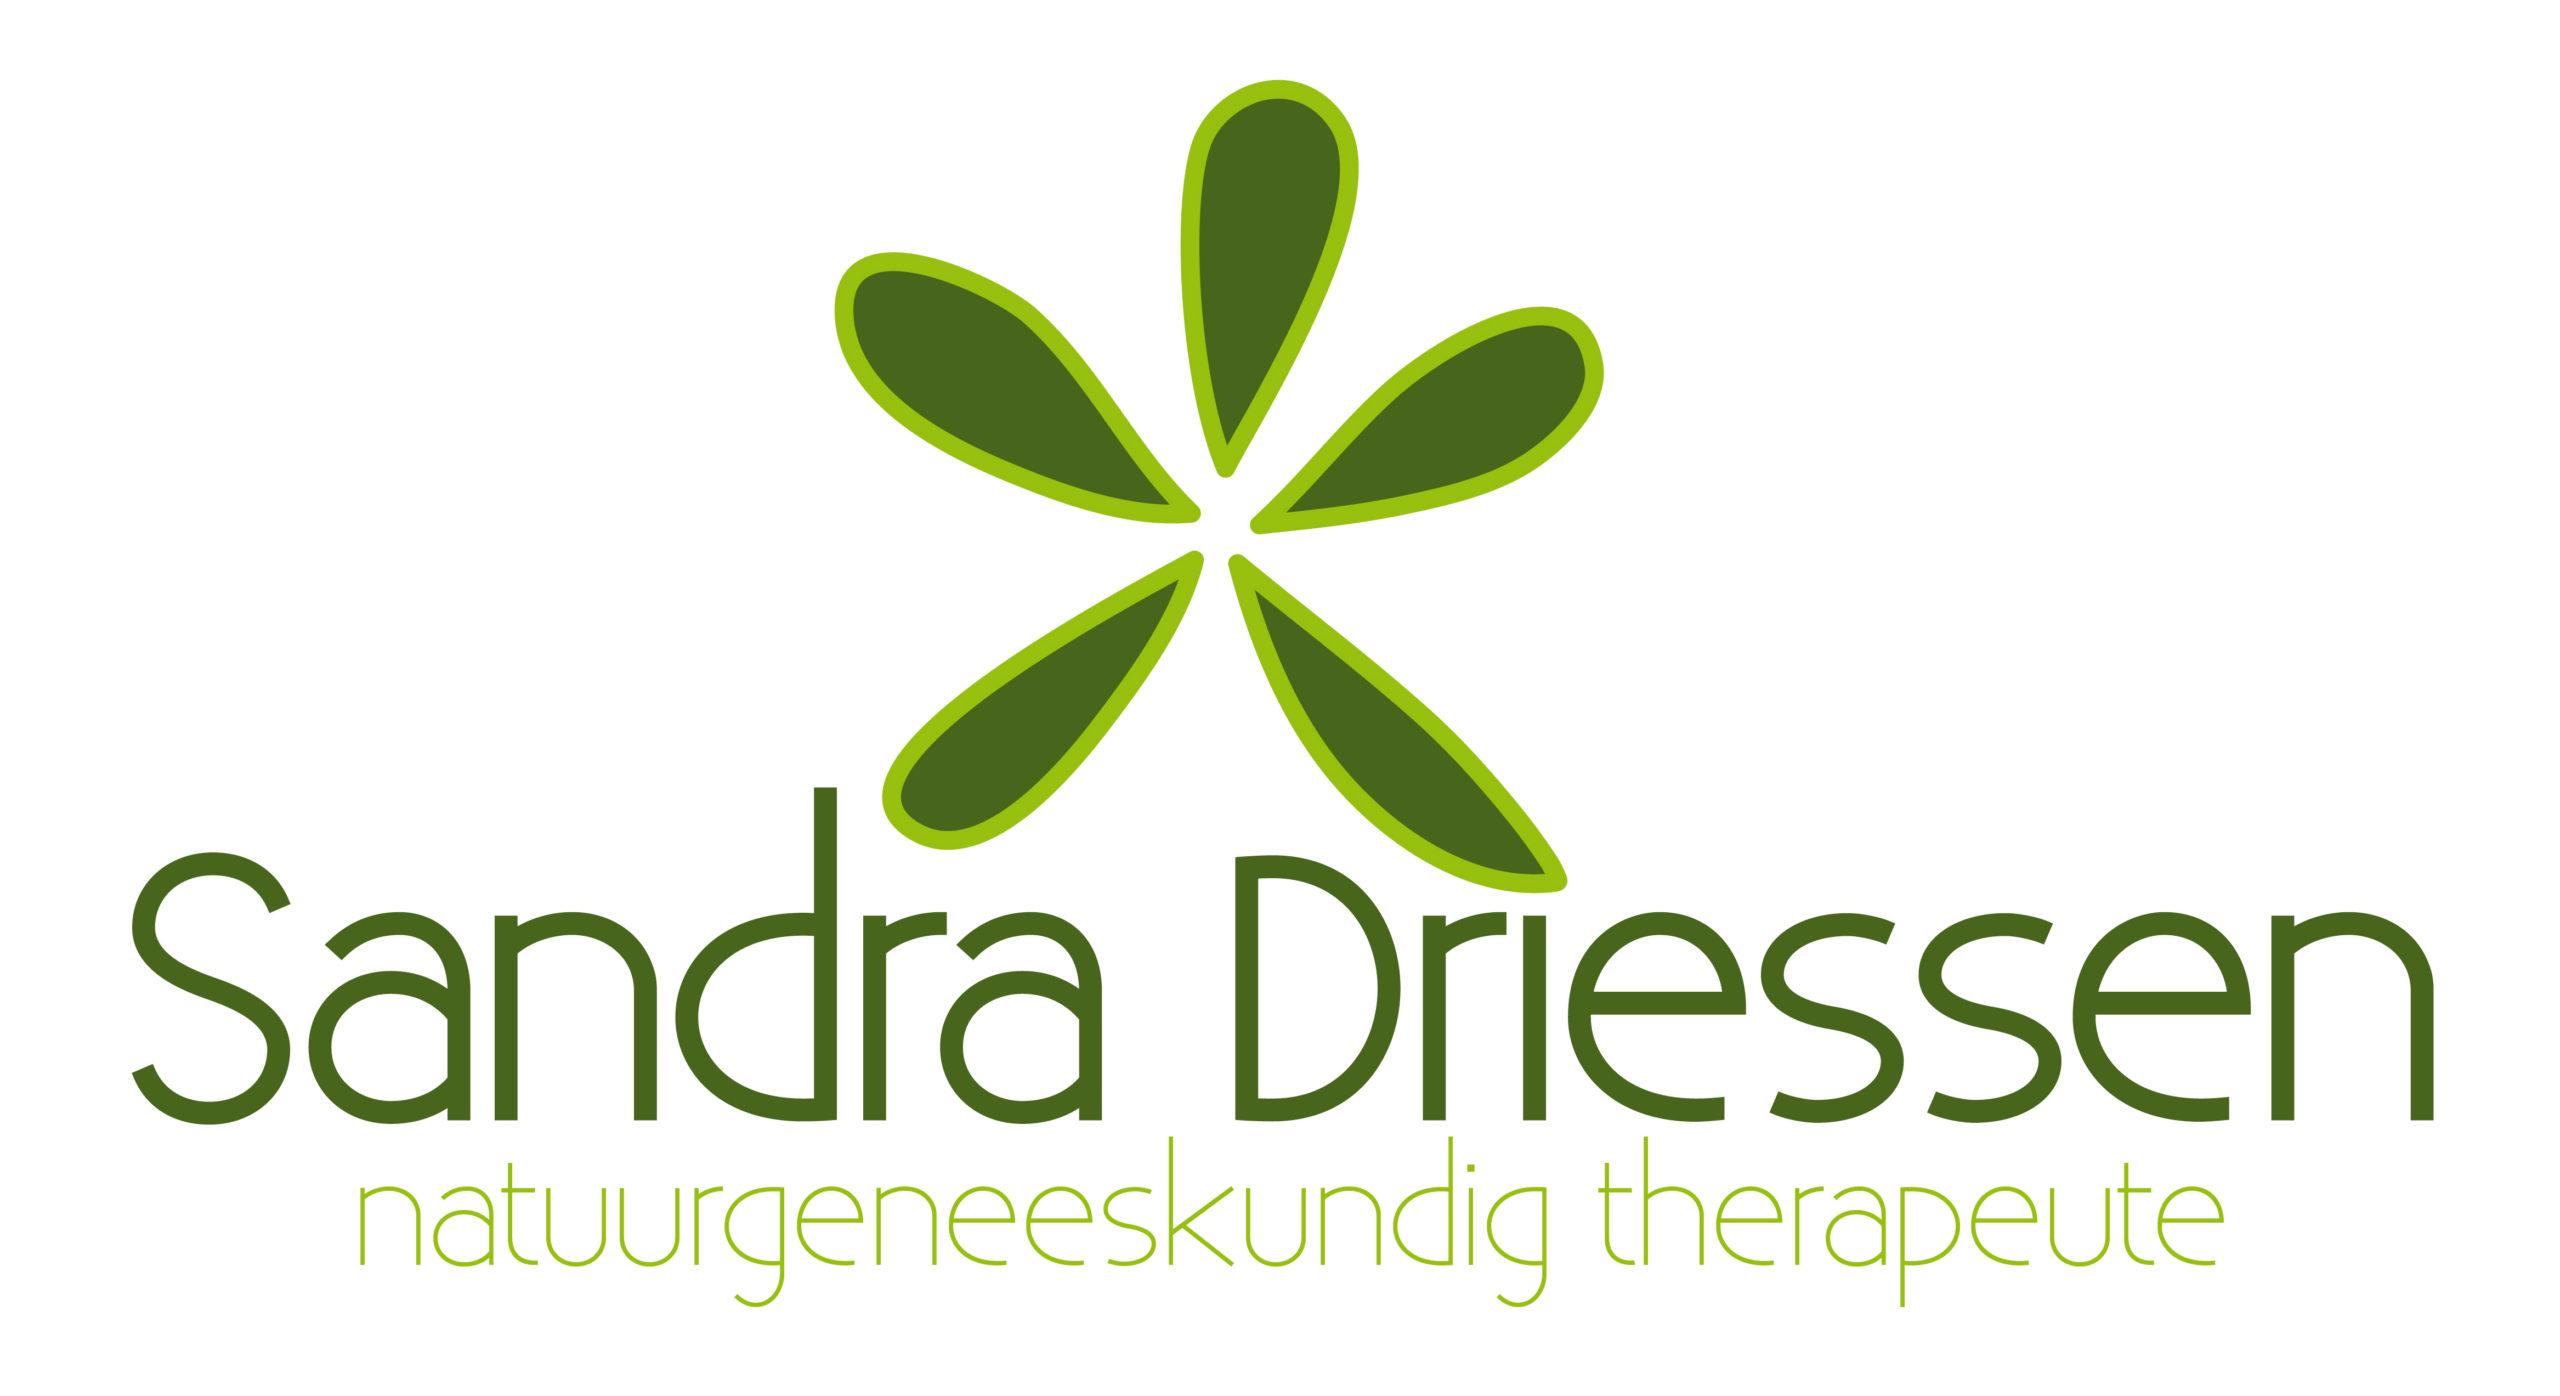 SandraDriessen_logo